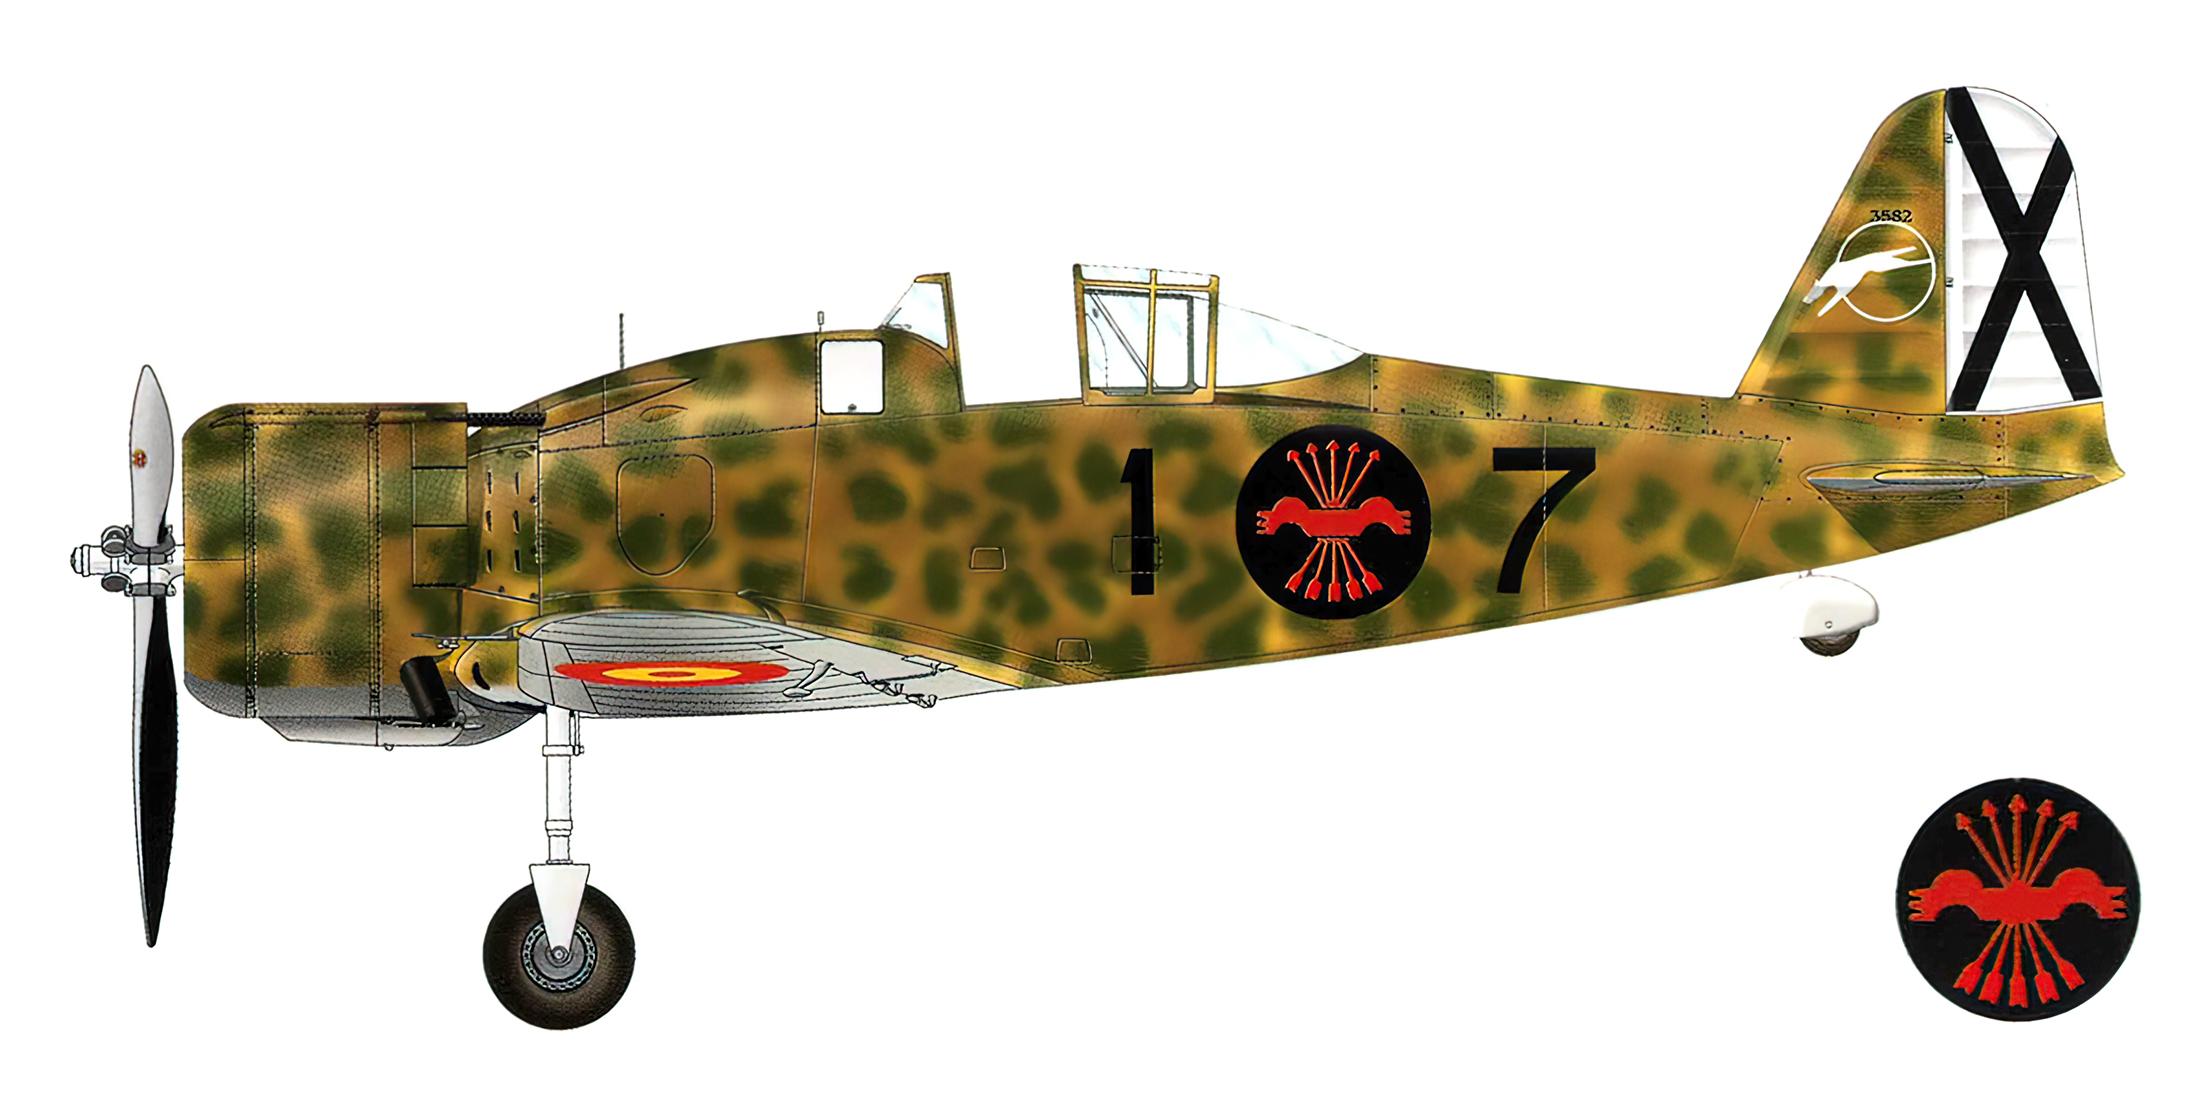 Fiat G50 Freccia Aviacion Nacional 27 Gruppo de Caza 7 MM3582 Sevilla Tablada Spain Feb 1943 0A